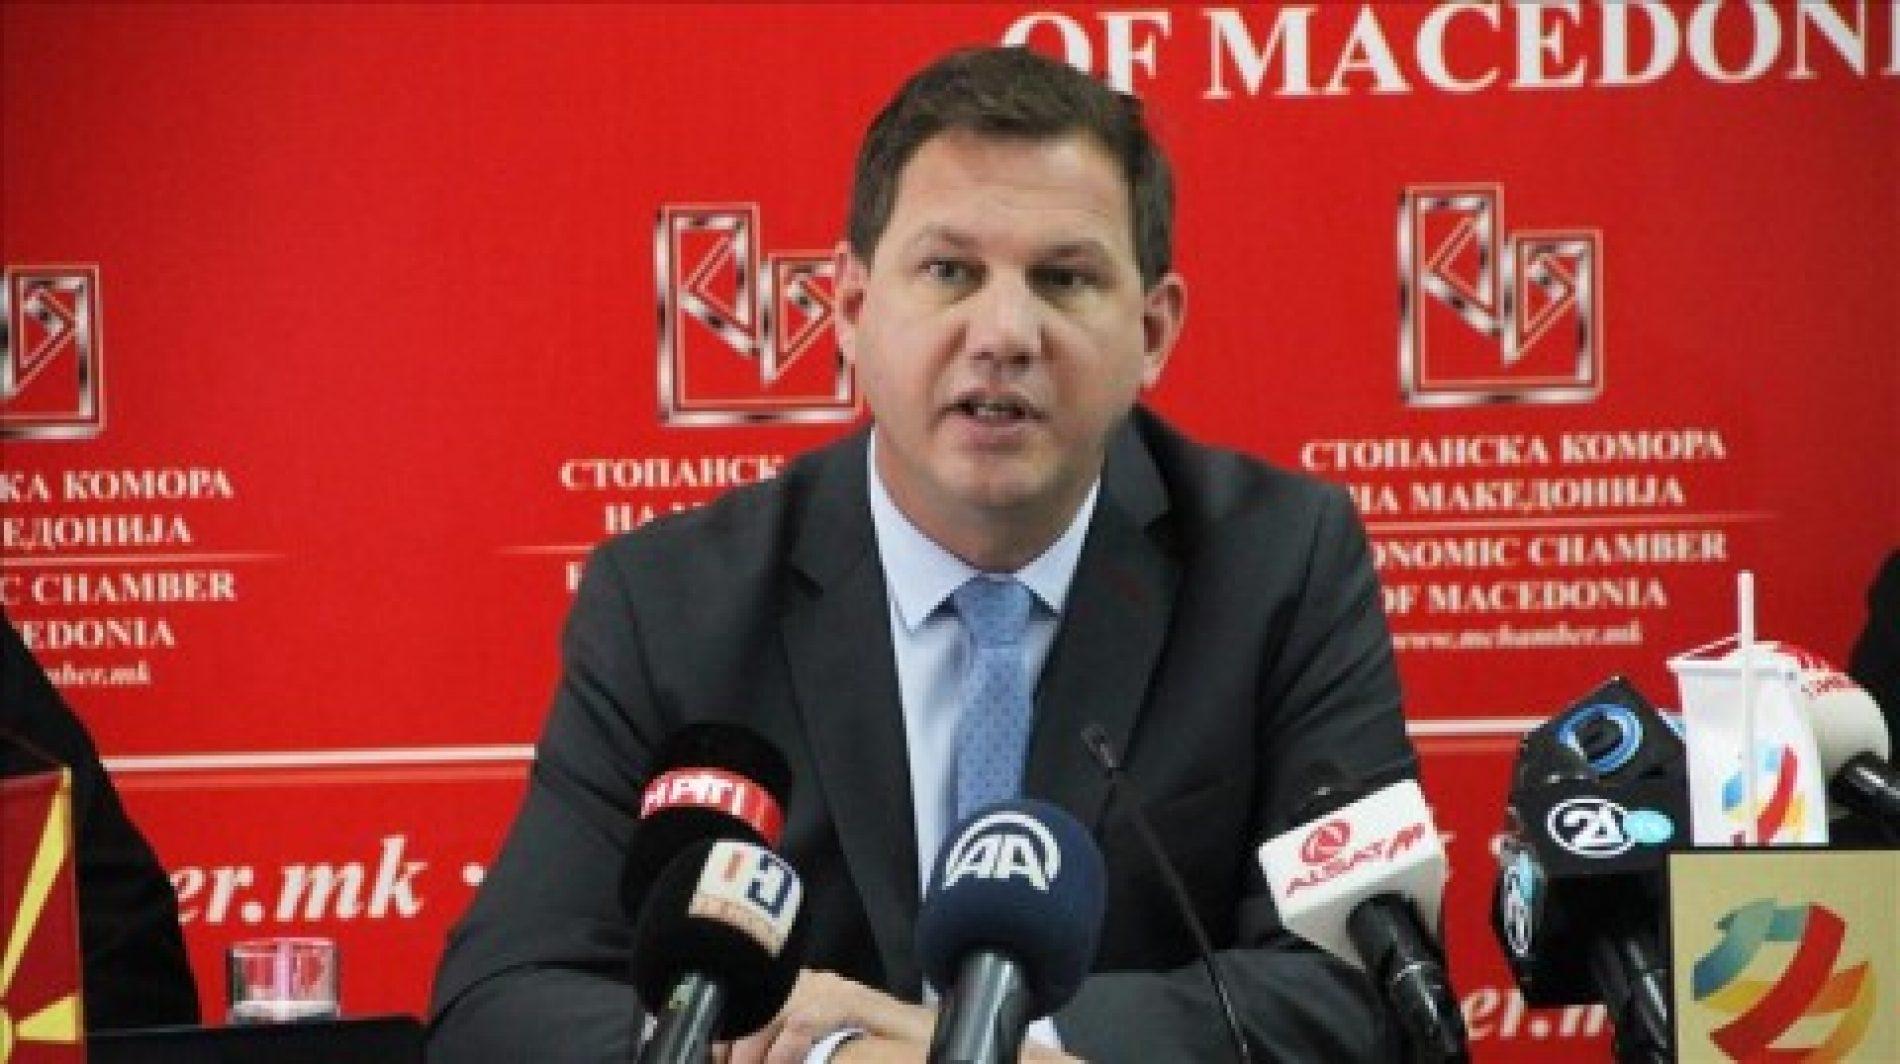 Investitorët e huaj në Maqedoni thirrje për zgjidhje të krizës politike